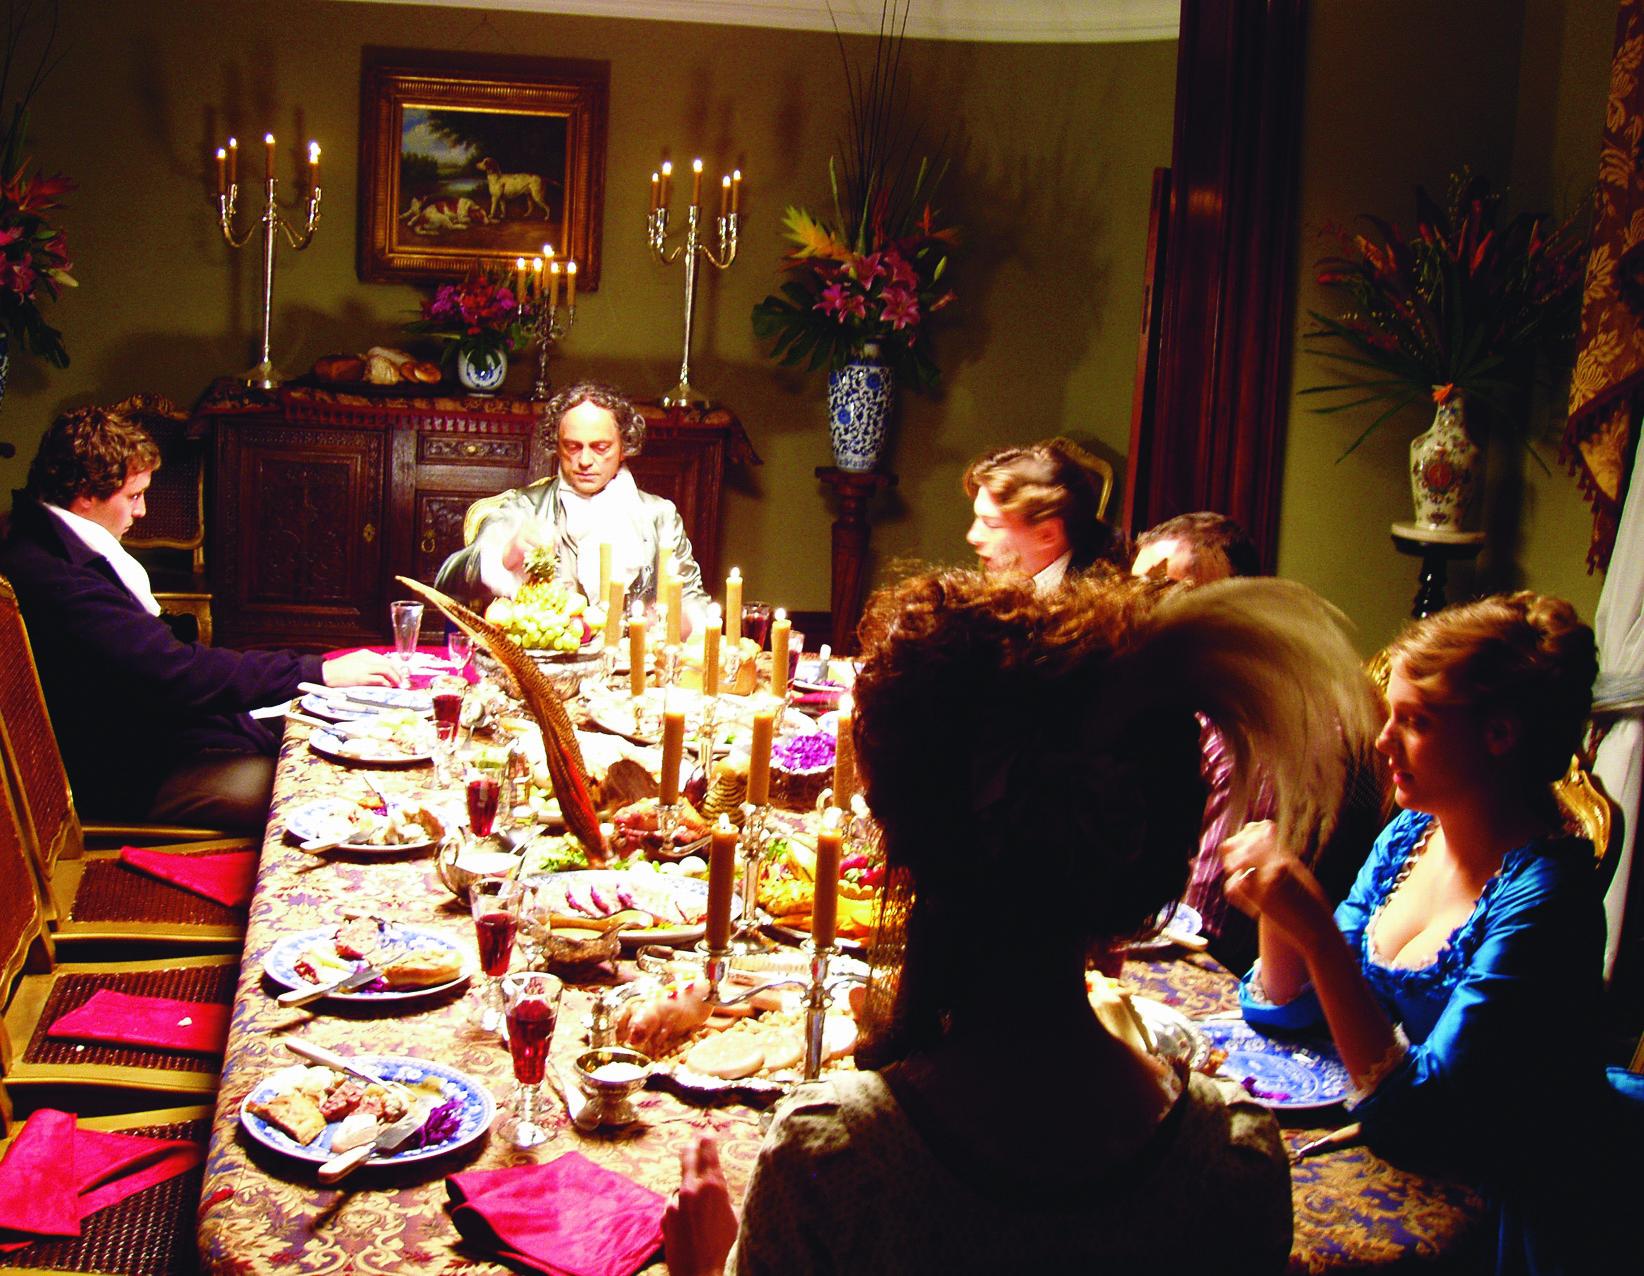 timor dinner table.JPG